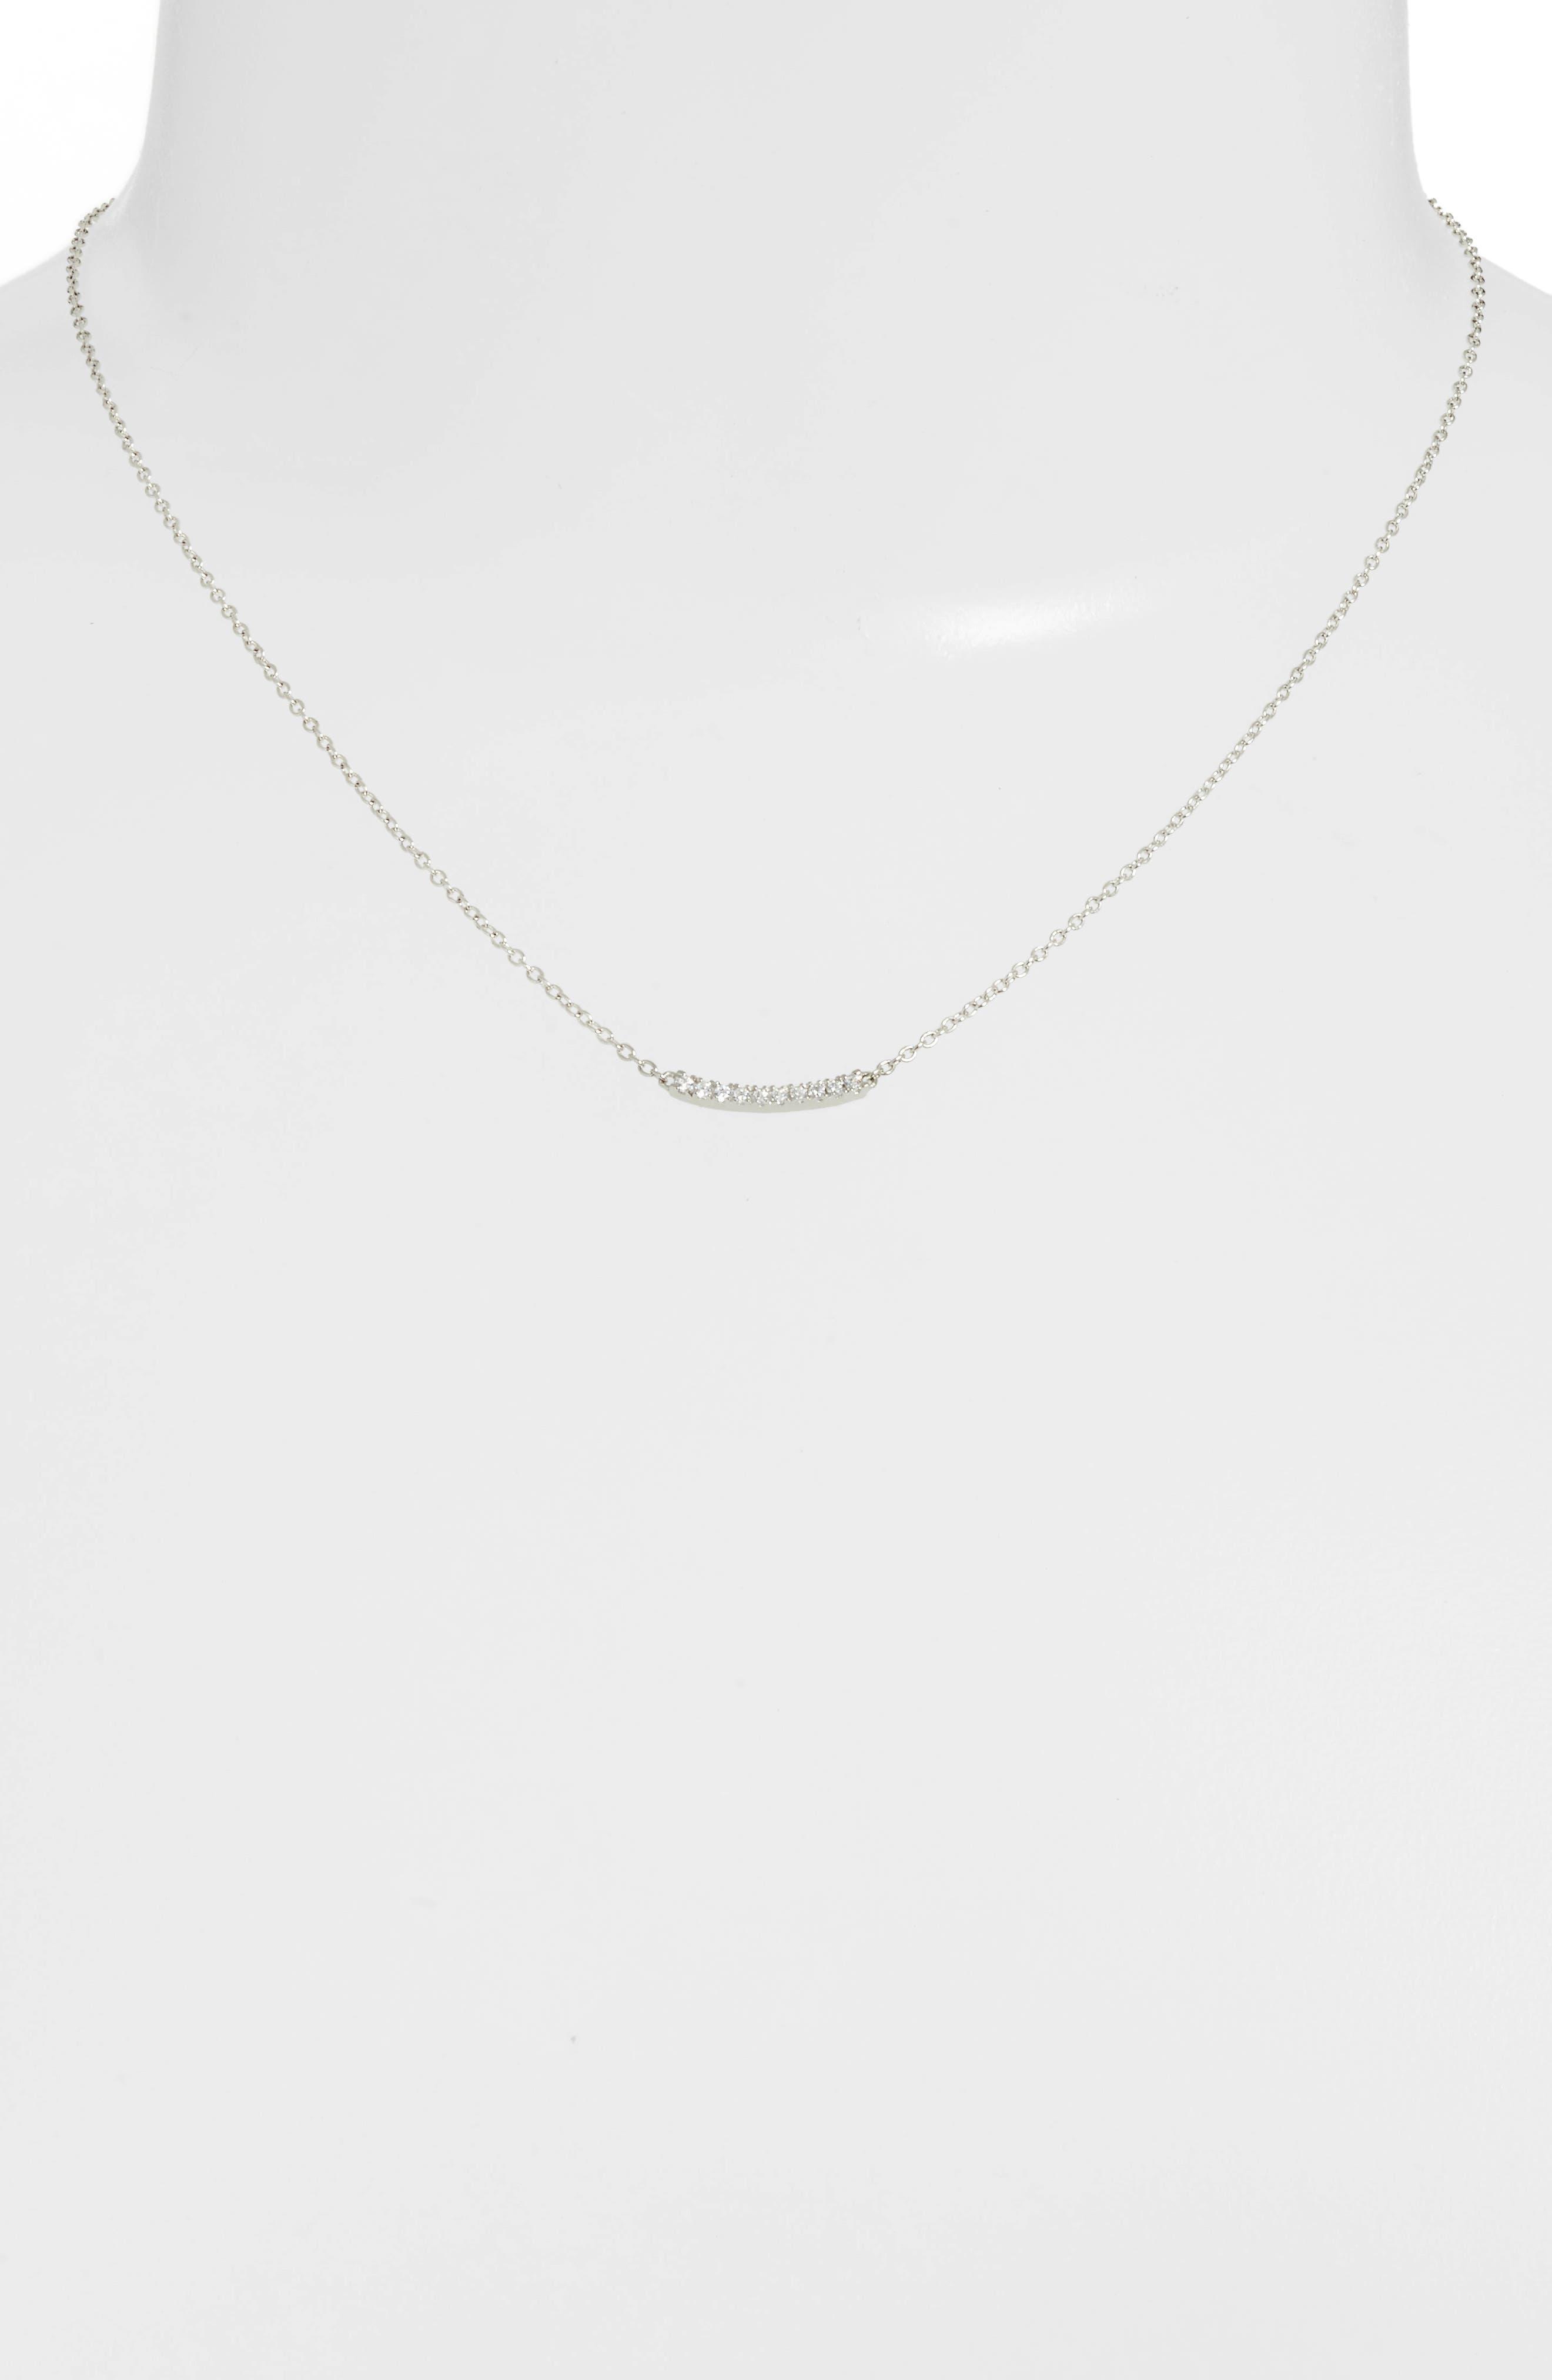 Pavé Curved Bar Pendant Necklace,                             Alternate thumbnail 2, color,                             Platinum